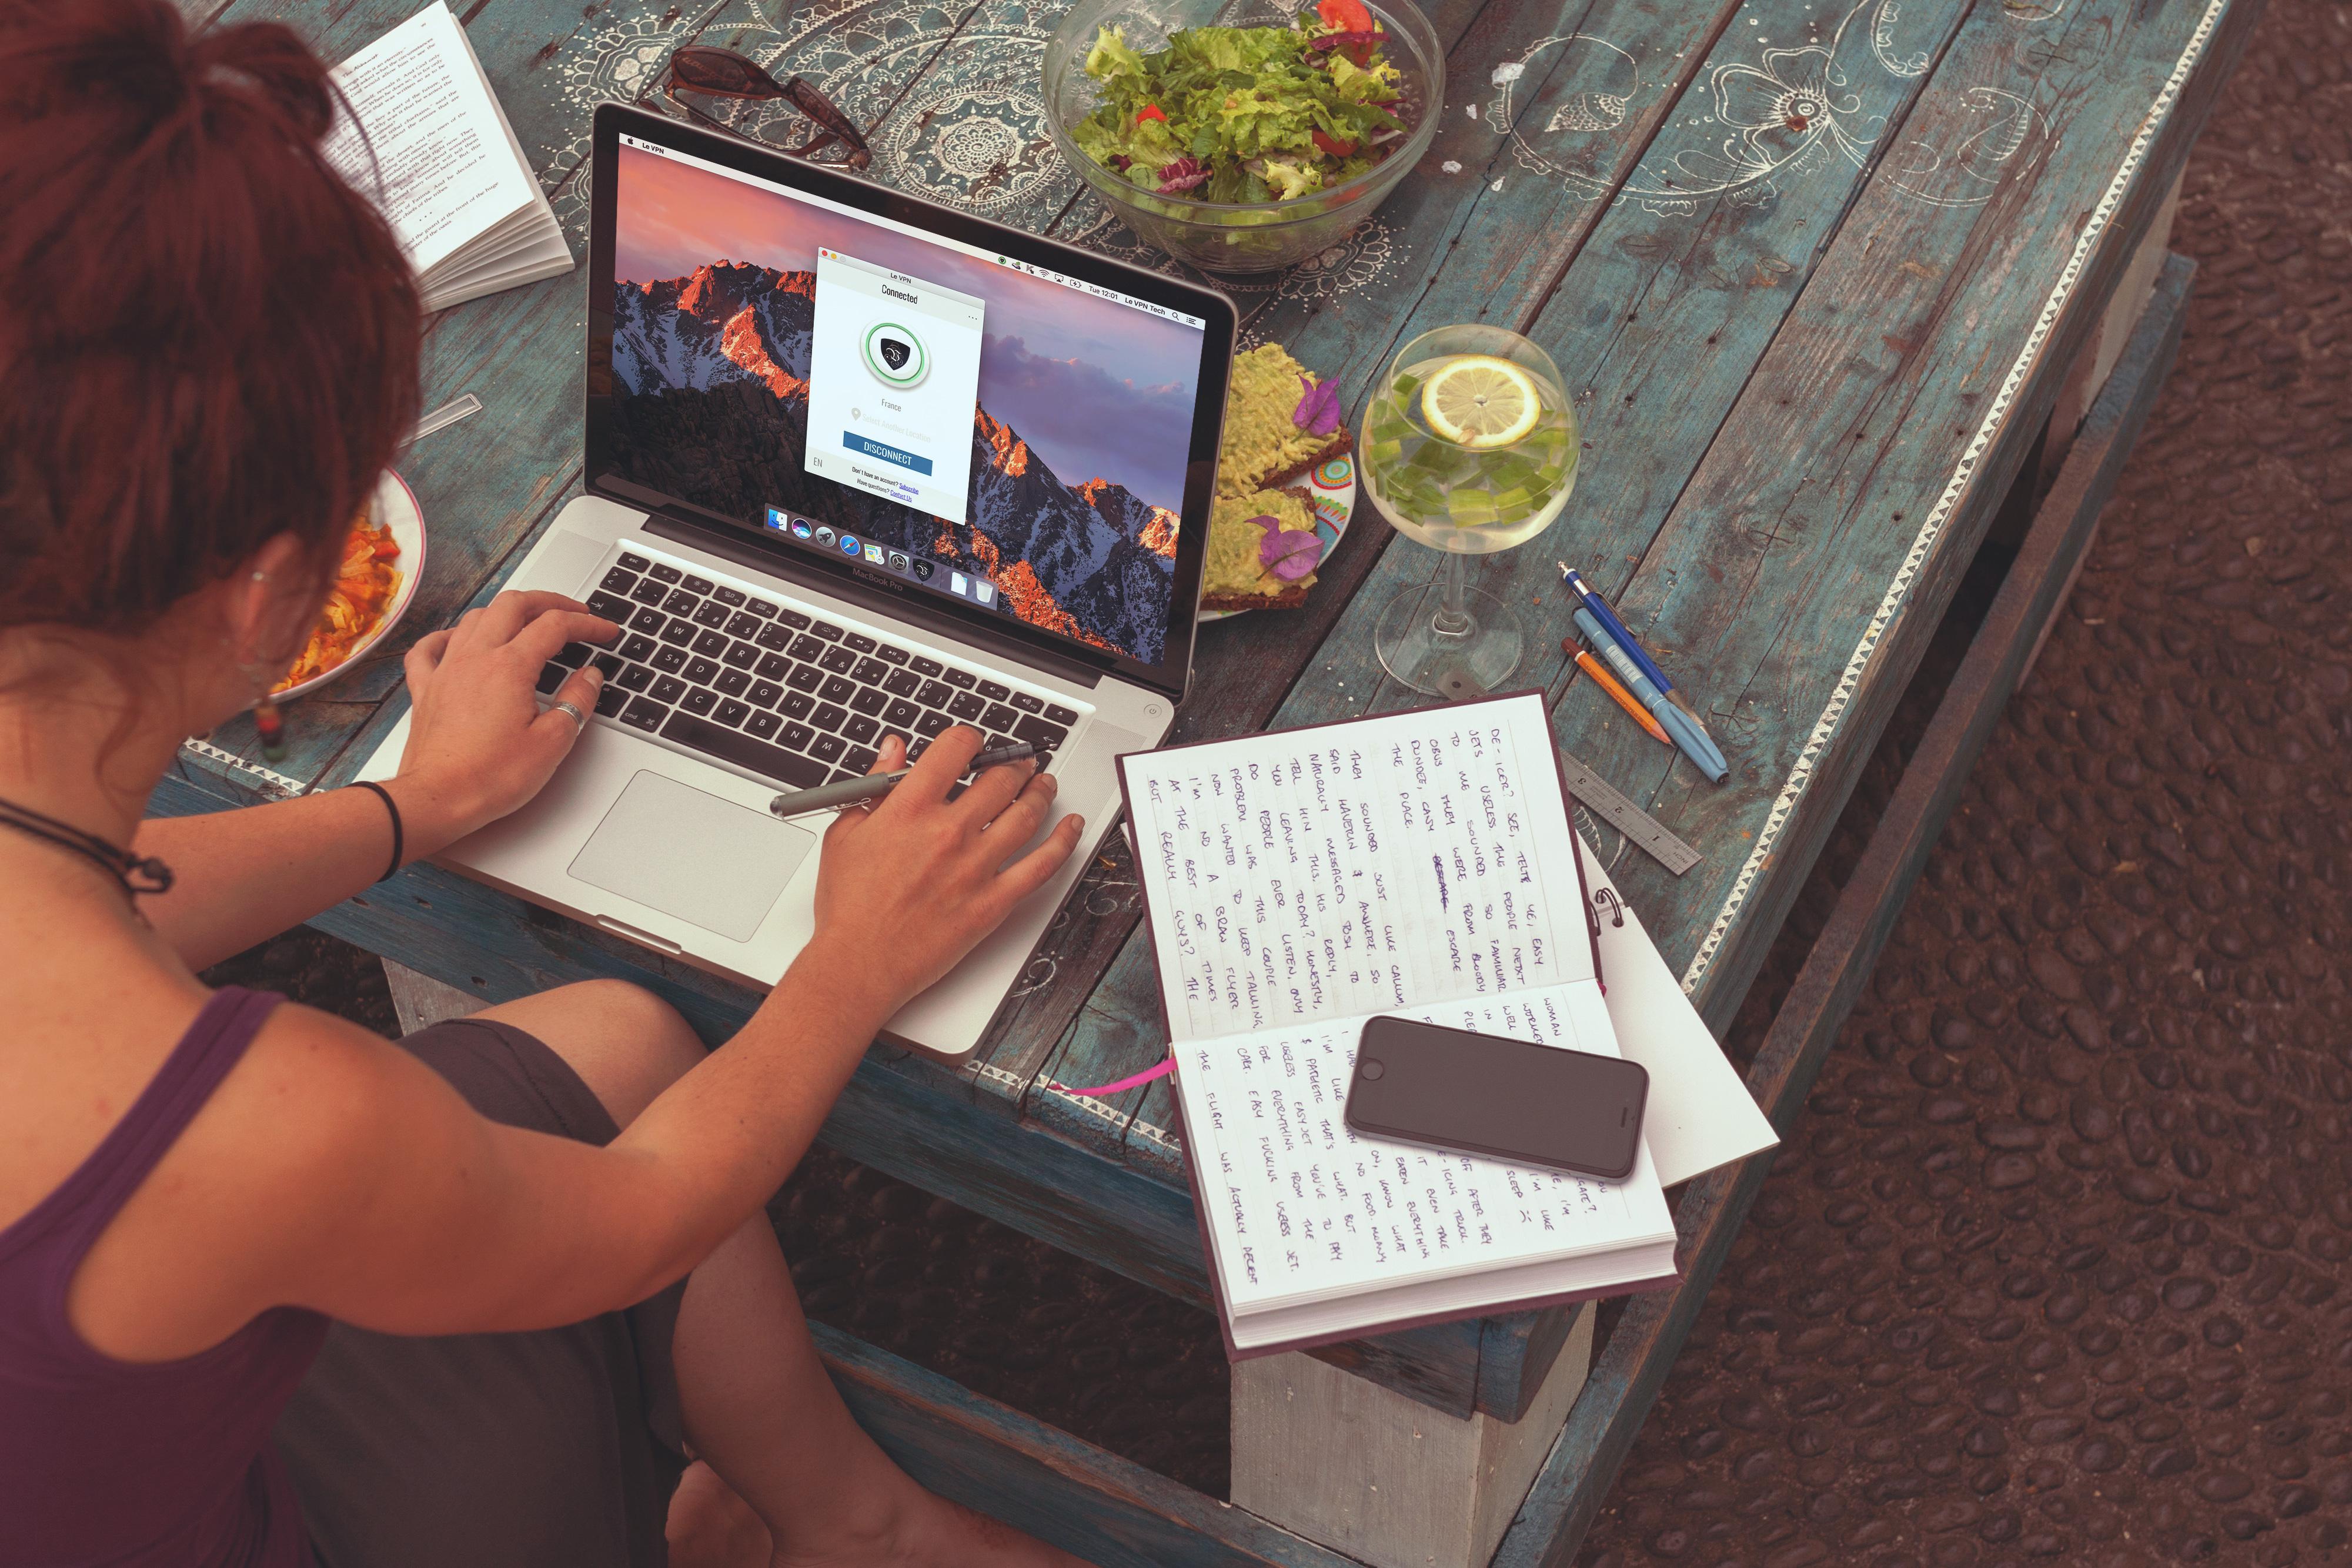 Le VPN lanza VPN mac OS app, un software VPN personalizado para equipos Mac